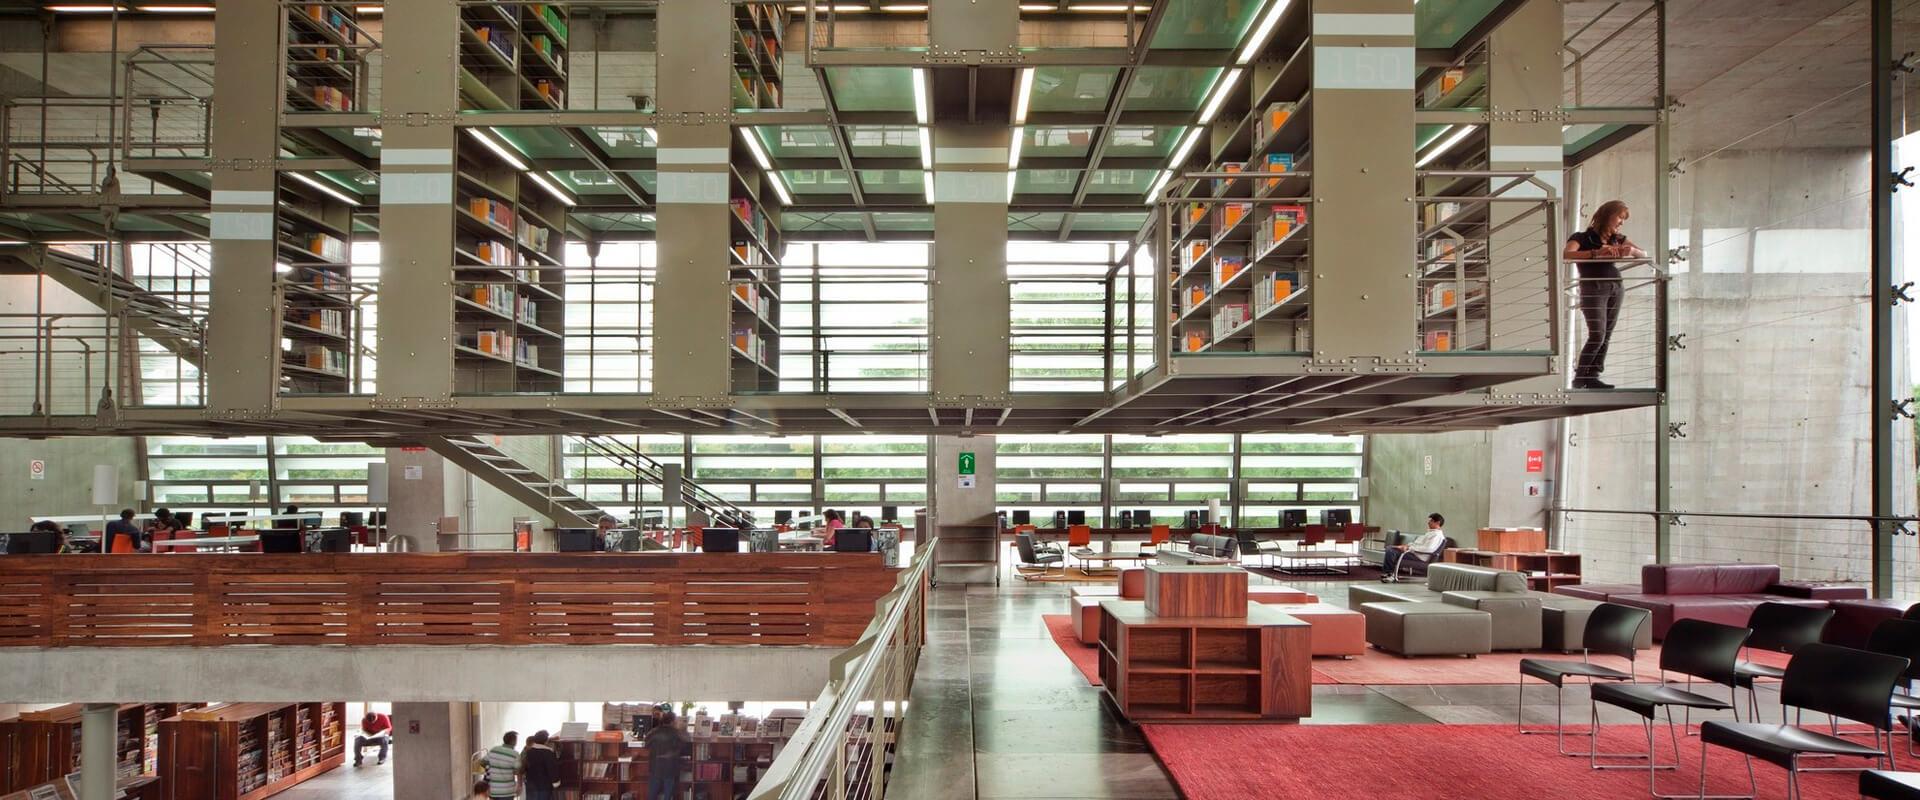 Guía de arquitectura en Ciudad de México: 30 sitios que todo arquitecto debe visitar